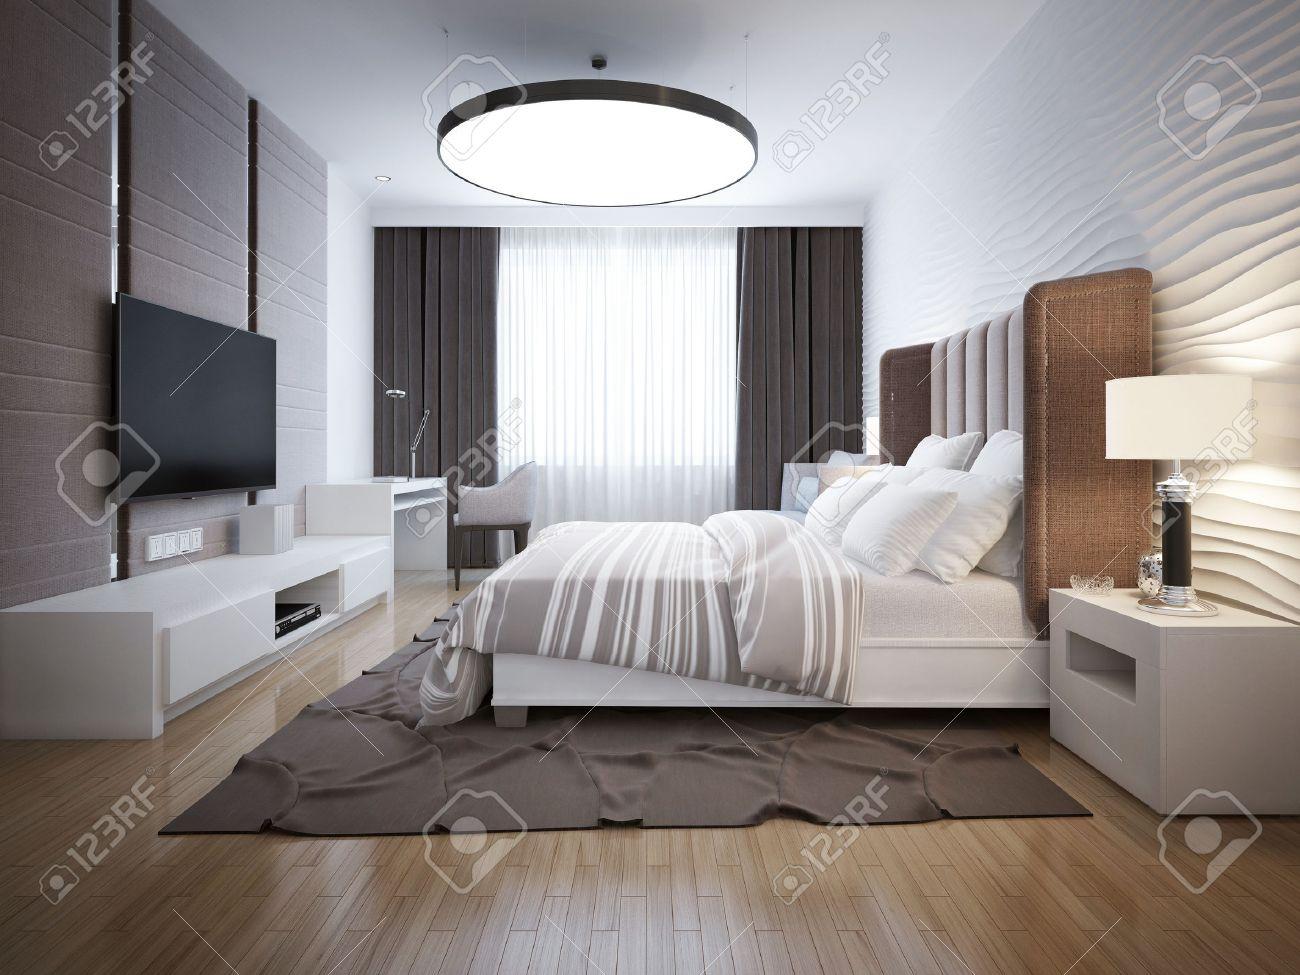 rooms hotel design designs bedrooms bedroom interior modern contemporary ideas photos